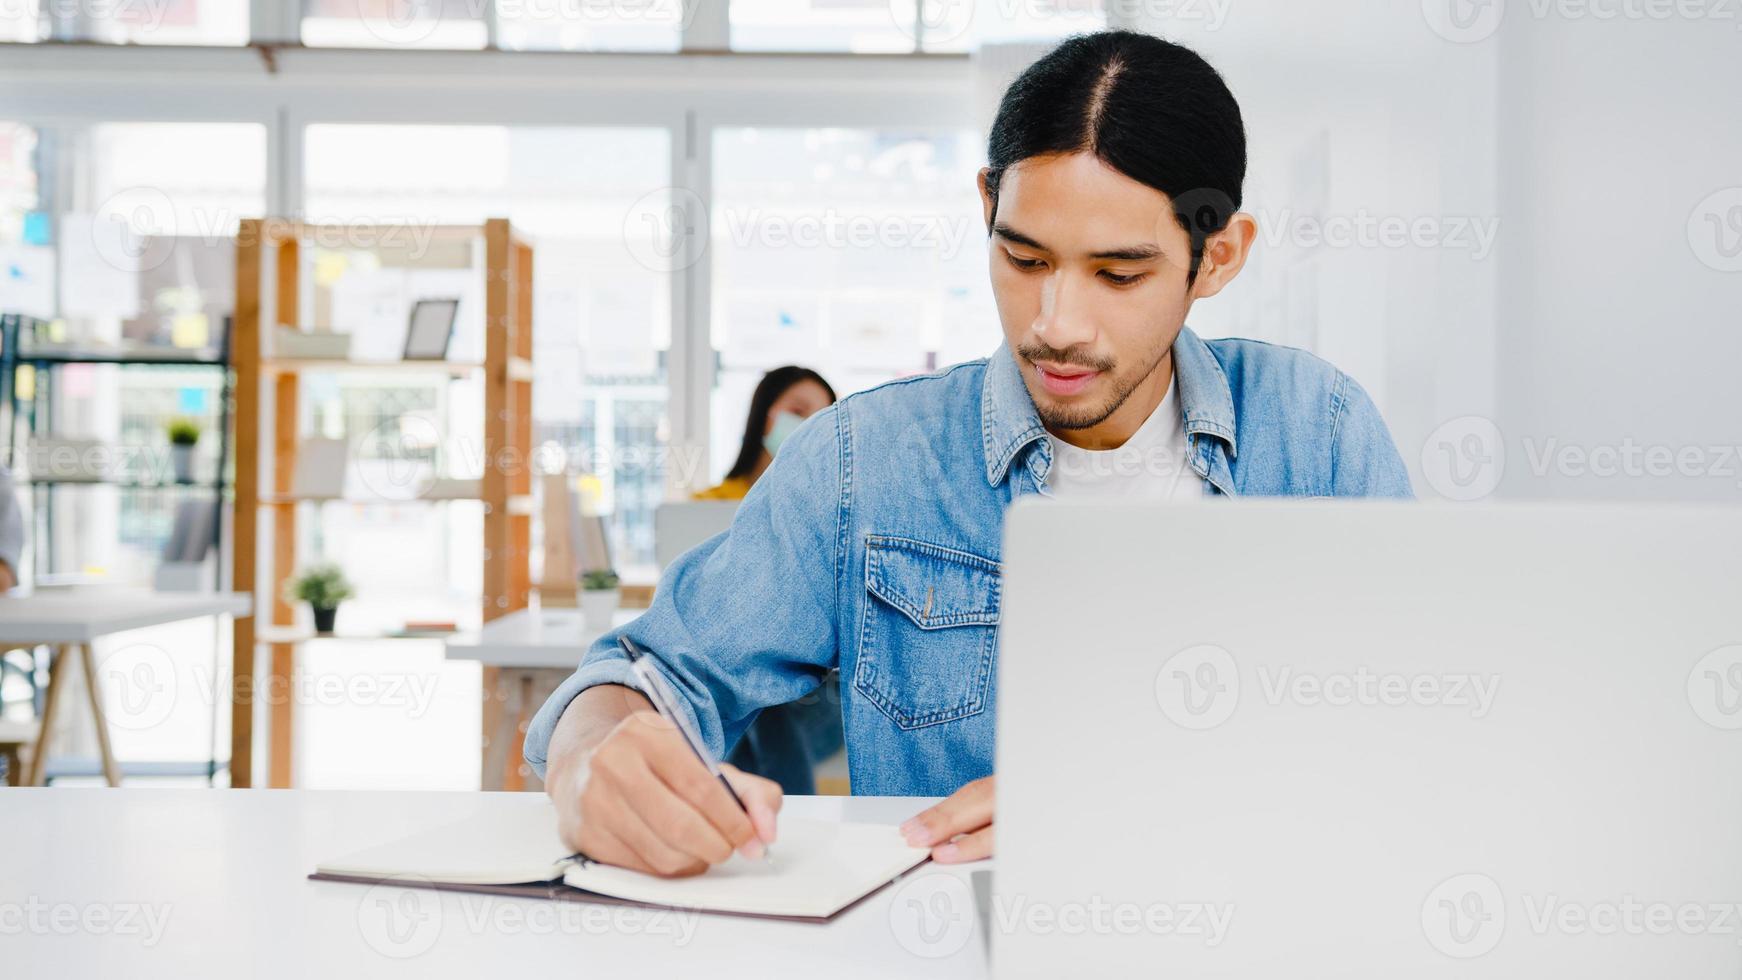 homme d'affaires asiatique distanciation sociale dans une nouvelle situation normale pour la prévention des virus à l'aide d'une présentation d'ordinateur portable à un collègue sur le plan d'un appel vidéo pendant qu'il travaille au bureau à domicile. mode de vie après le virus corona. photo